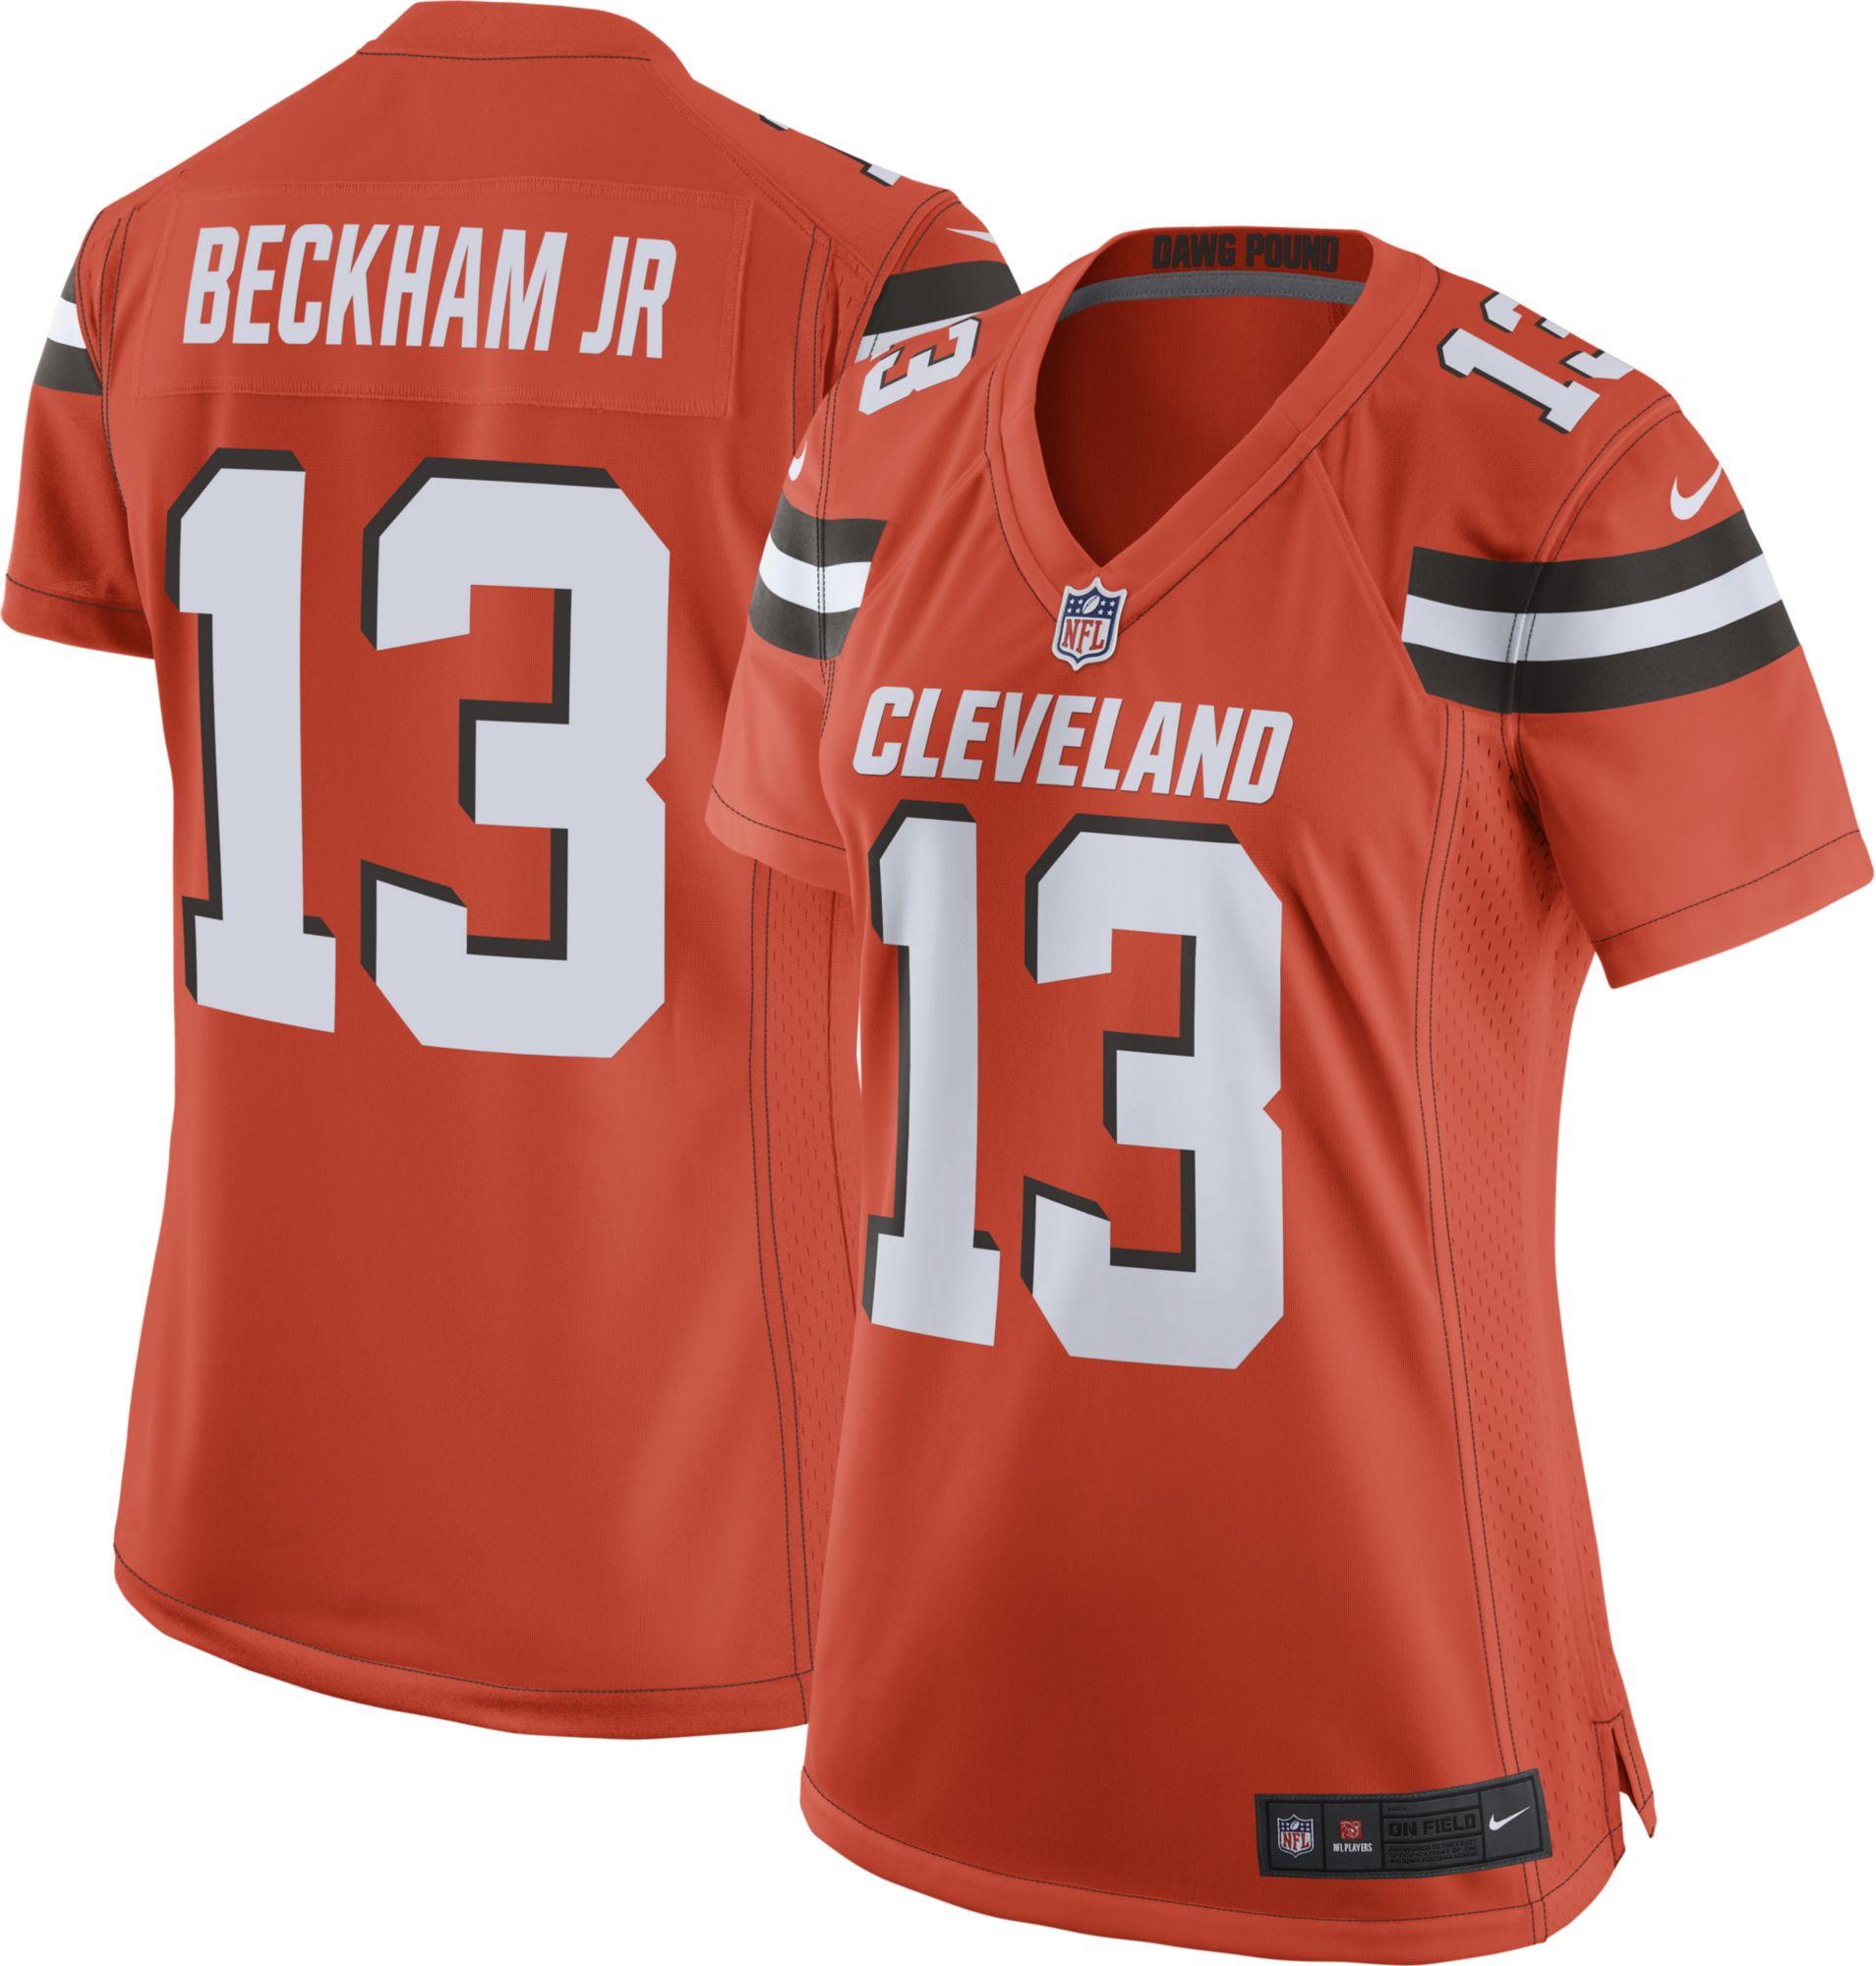 beckham jr shirt